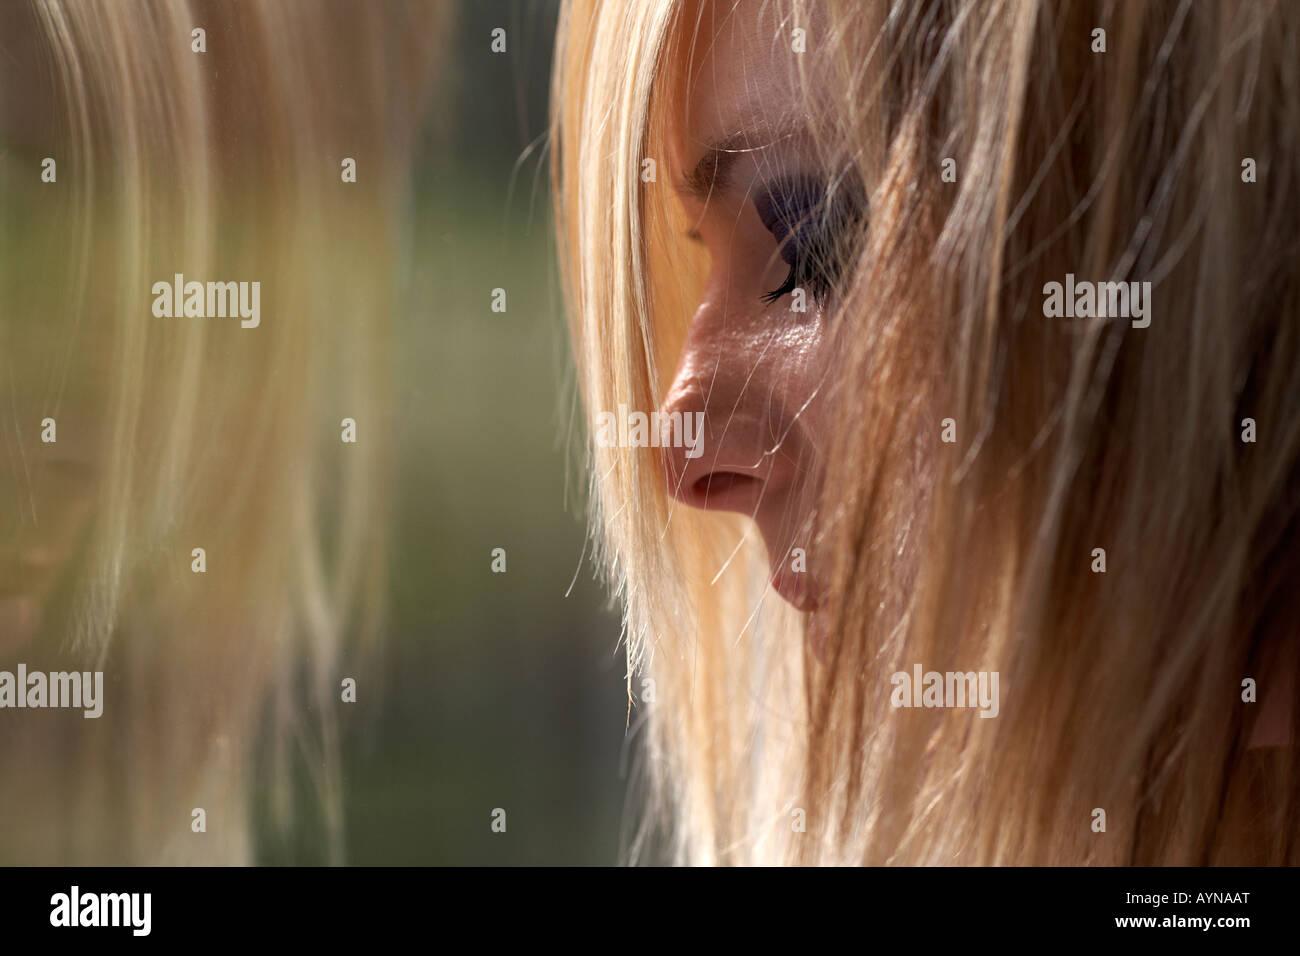 Giovani dai capelli biondi teenage donna che piange nella parte anteriore della finestra sporca con una riflessione Immagini Stock